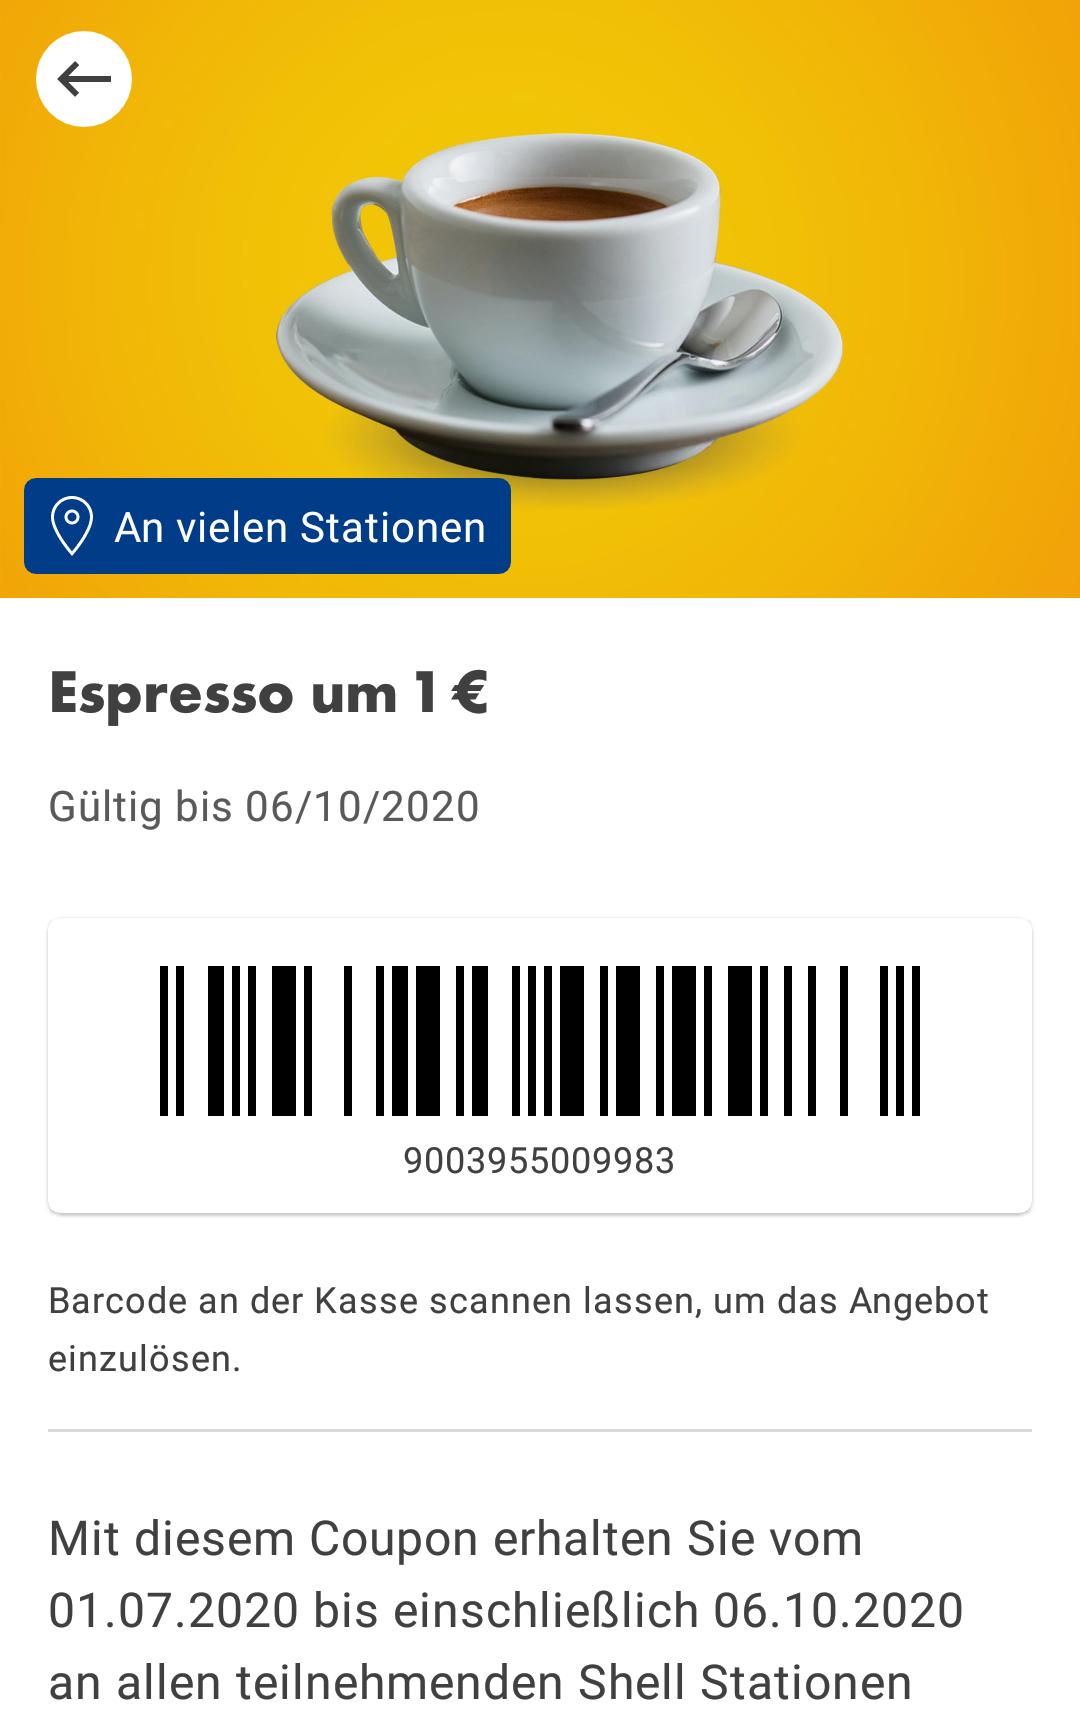 Espresso um 1€ bei Shell